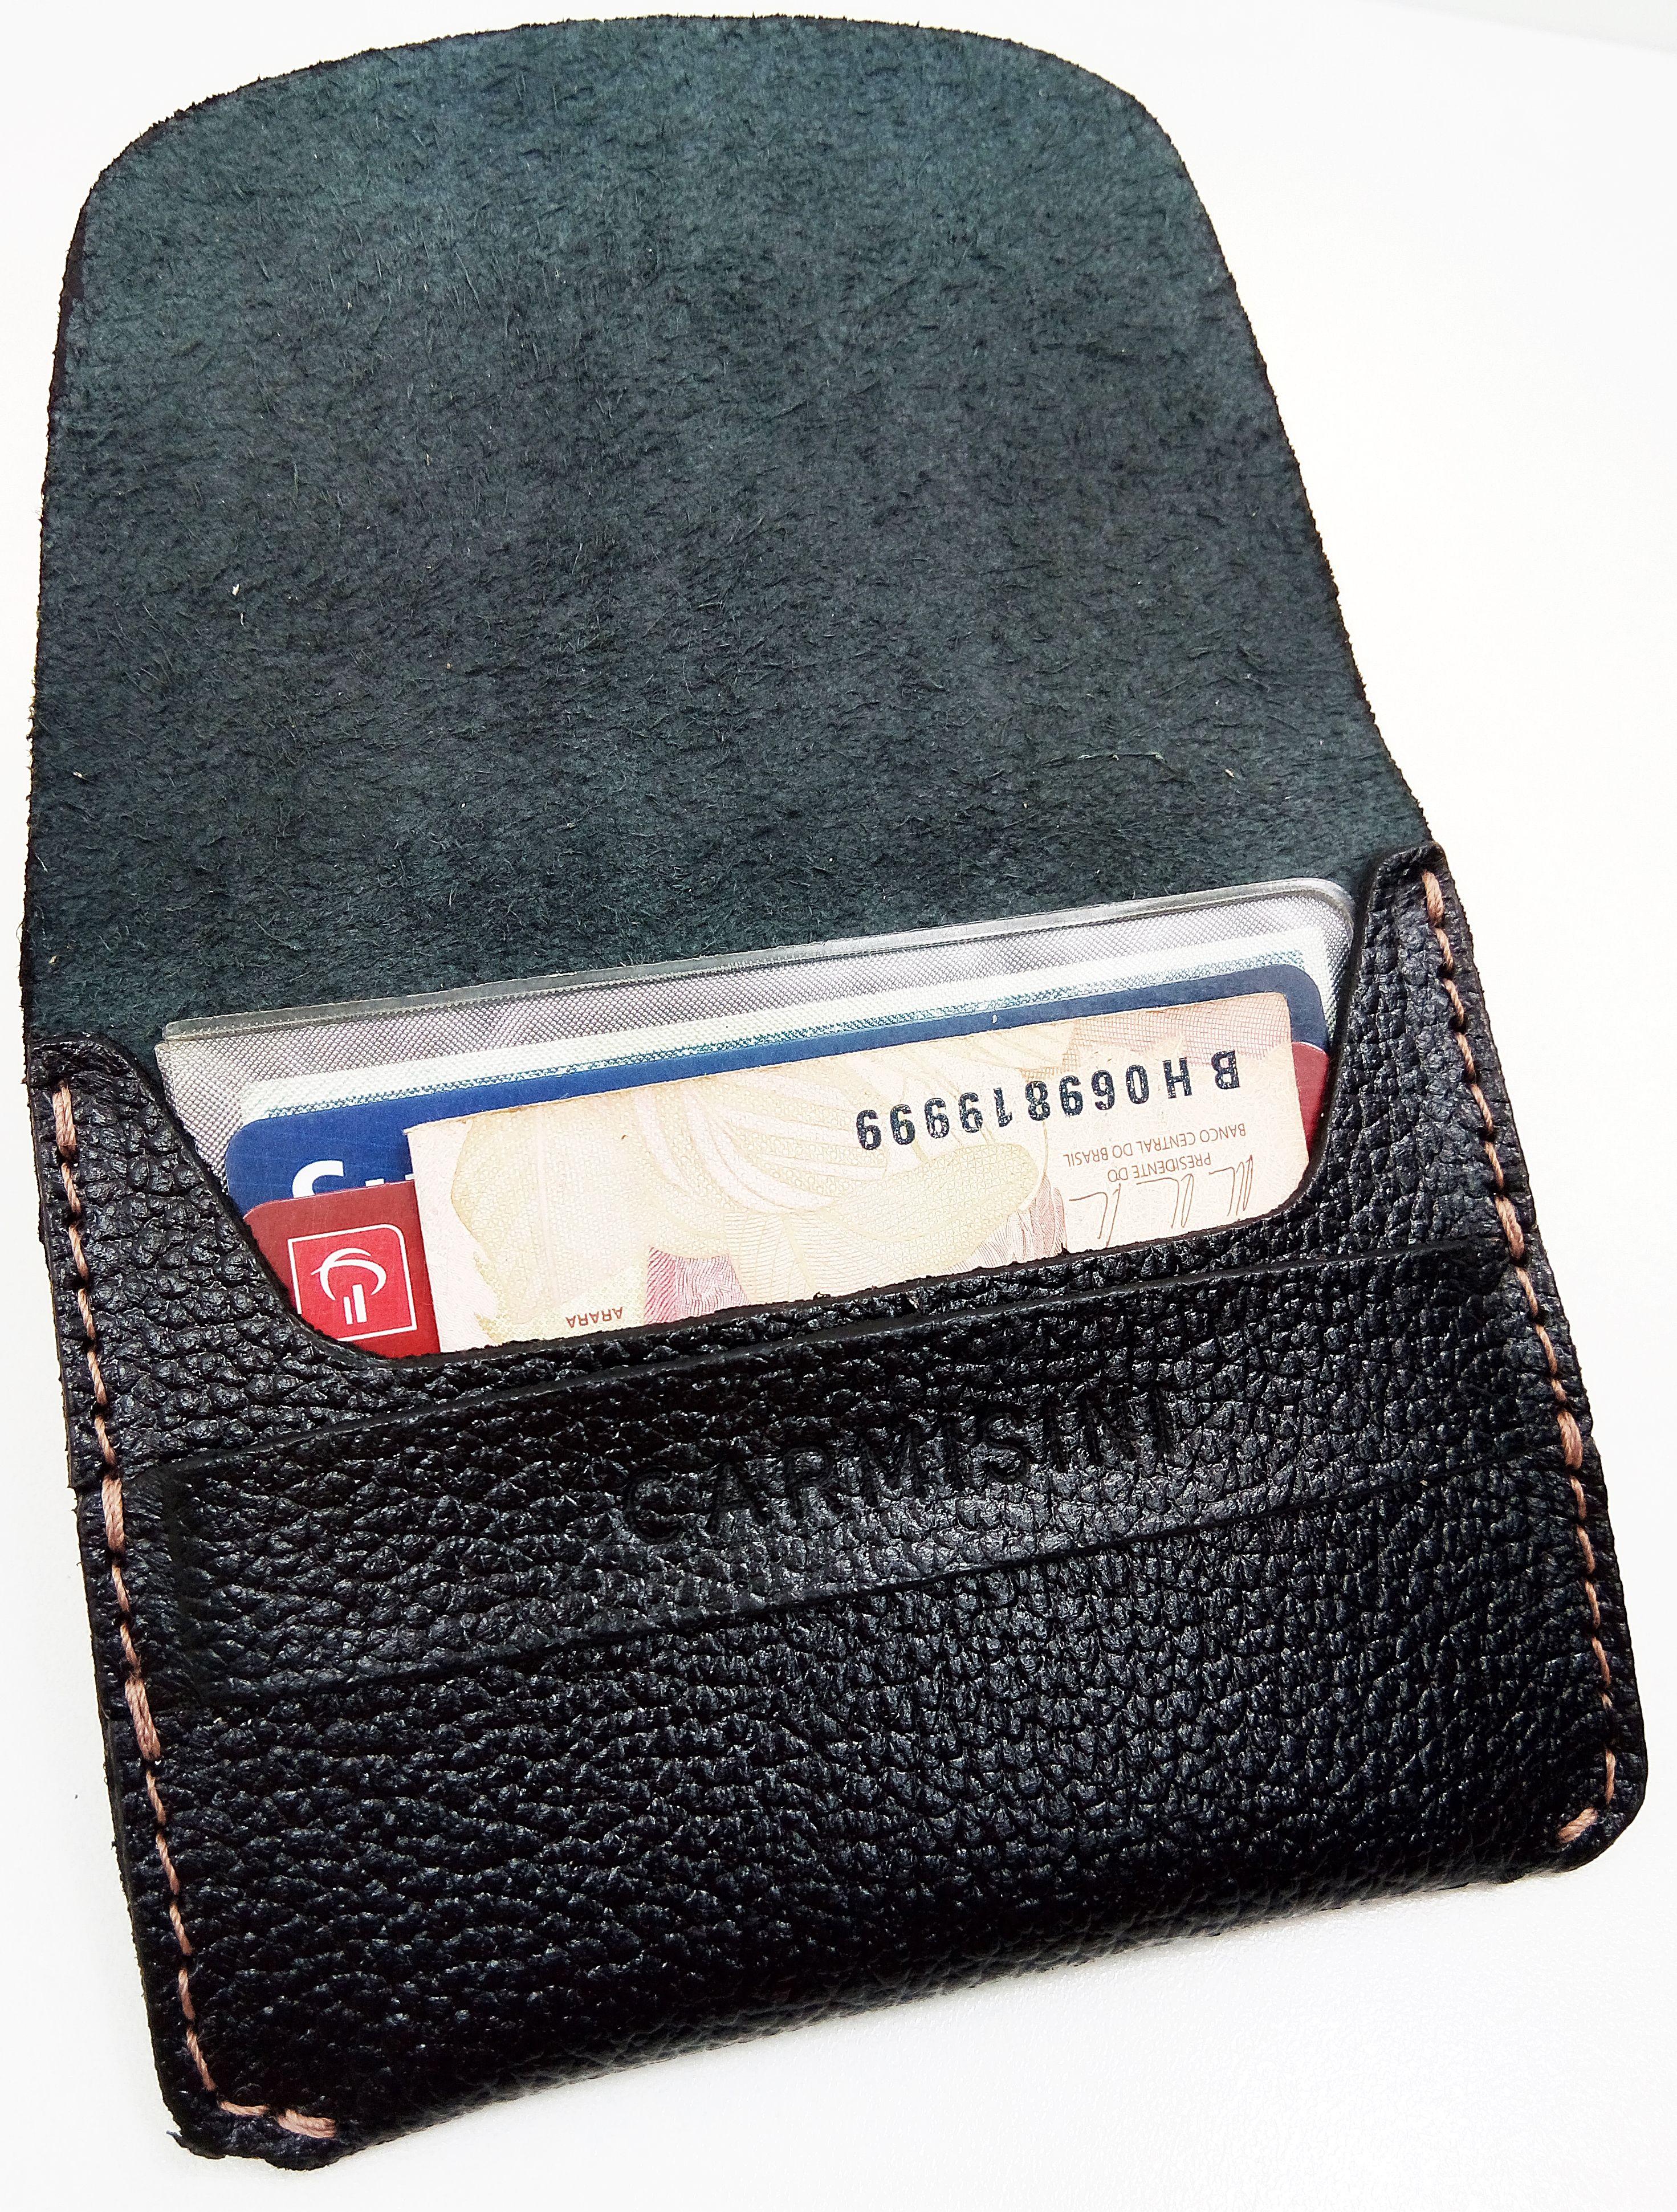 d6c95d8aae531 Carteiras slim / Carteira Masculina / Carteira Pequena / Porta Cartão /  Porta Cartões /Carteira